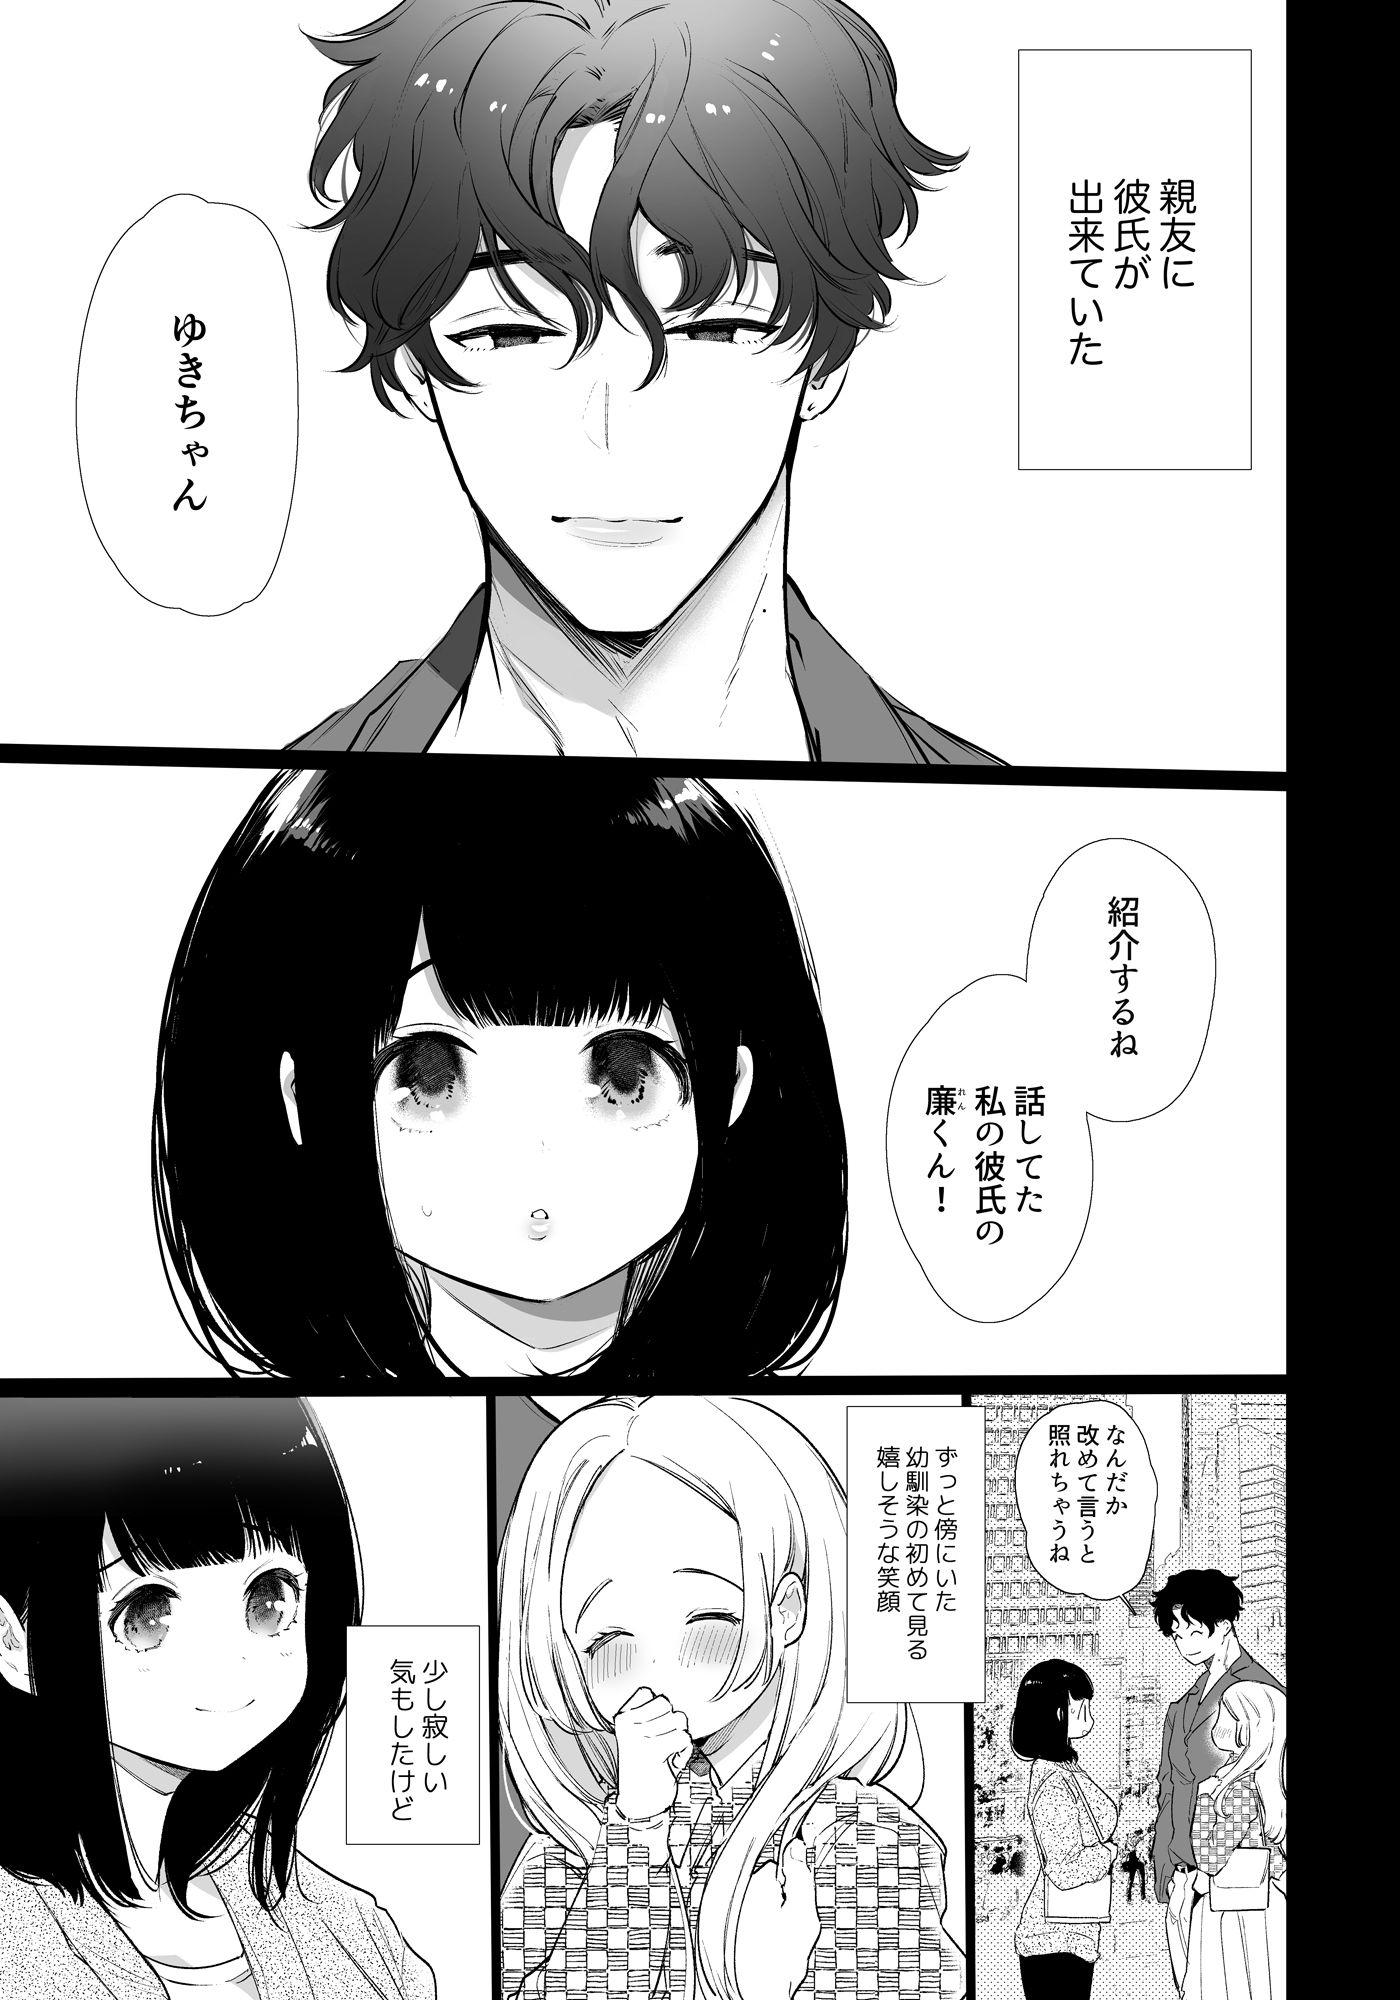 【同人コミック・エロ漫画】ゆきちゃんNTR 彼女がメスに堕ちるまで[Yatomomin]#1